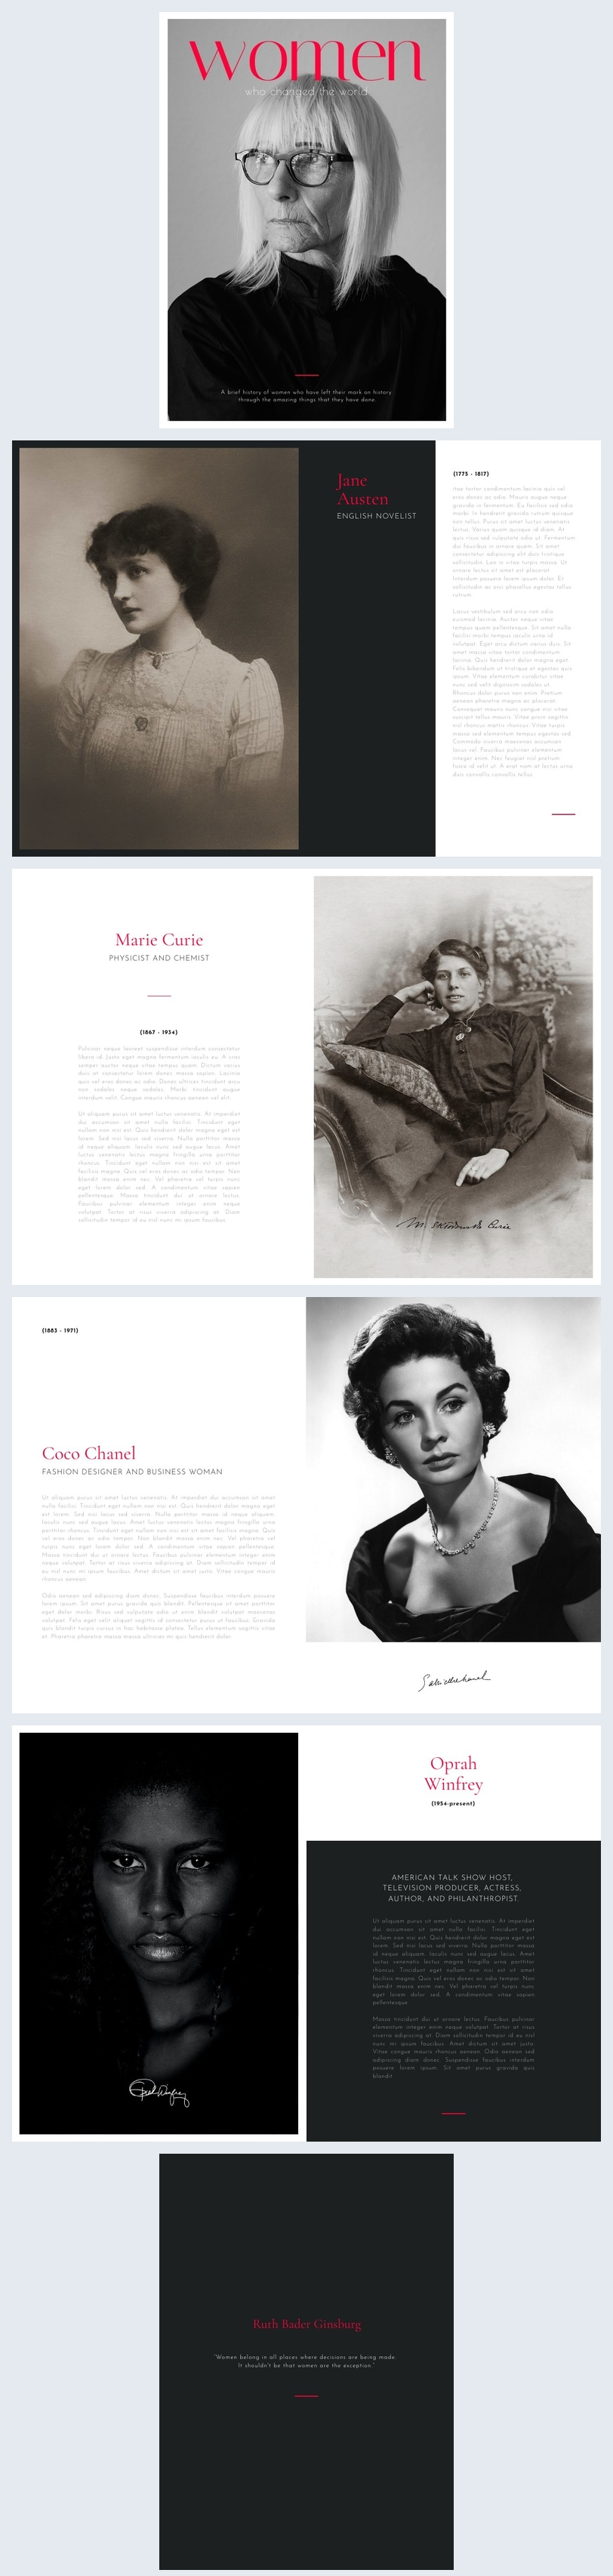 Artikel-Magazin-Beispiel-Design